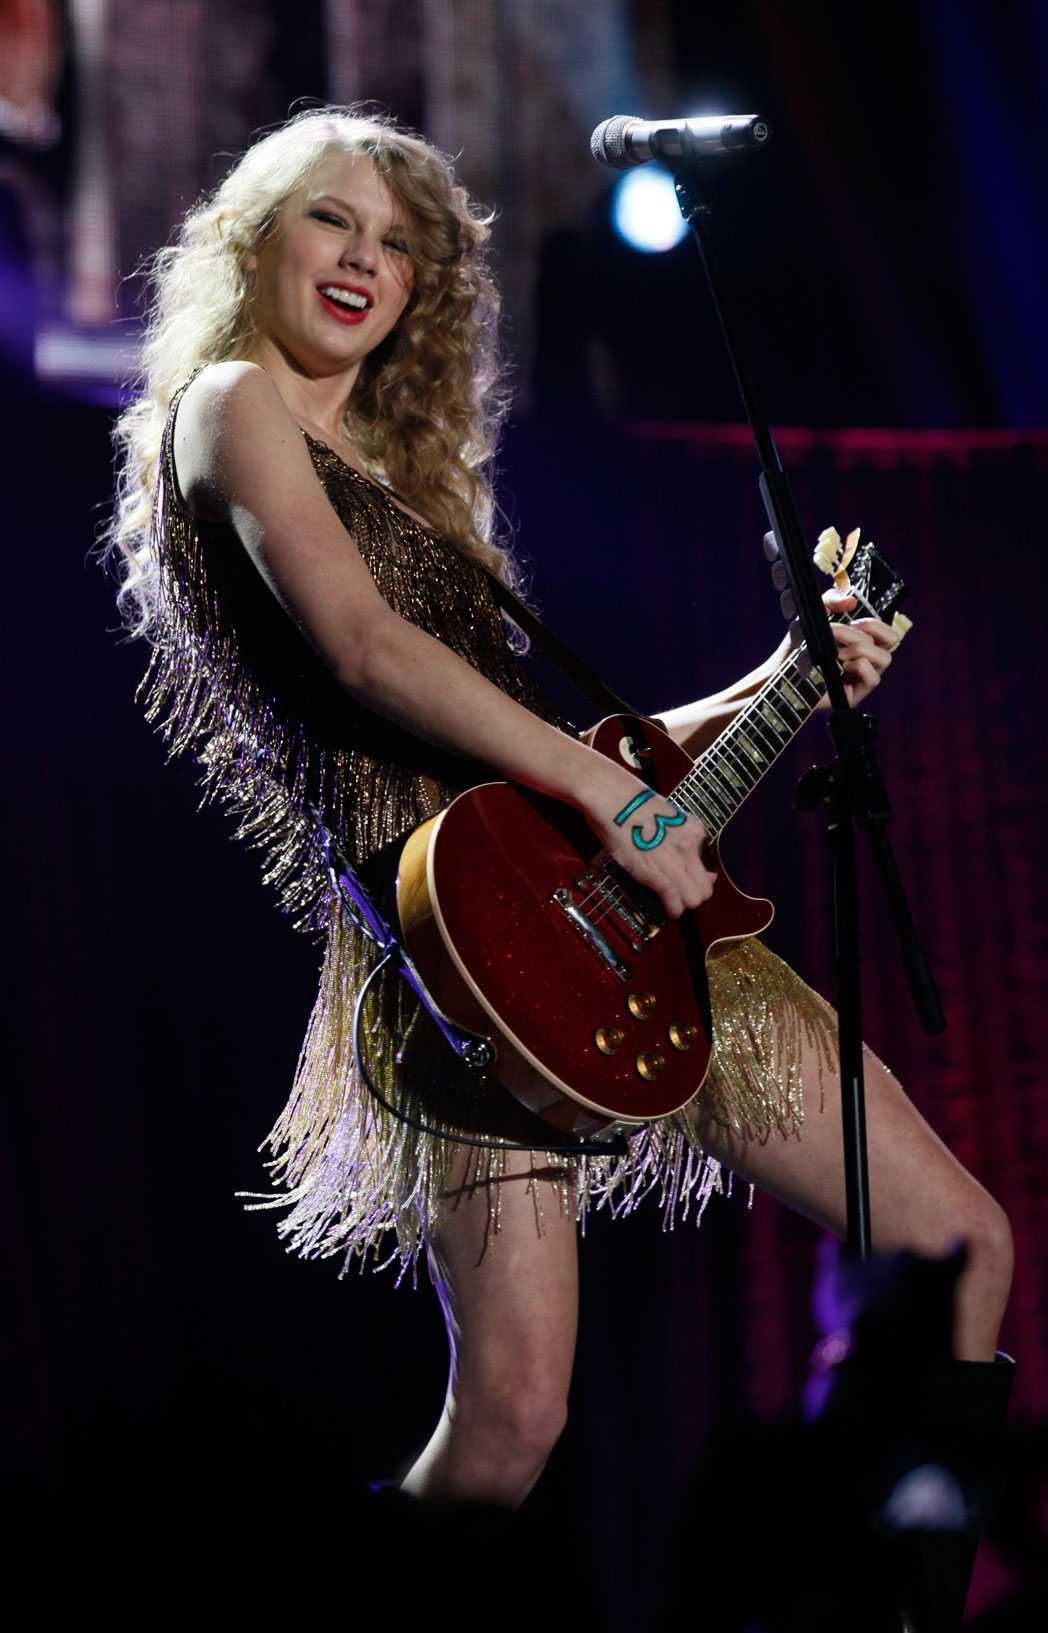 Taylor Swift rockar loss Världsartisten har uppträtt på Allure of the seas scen.